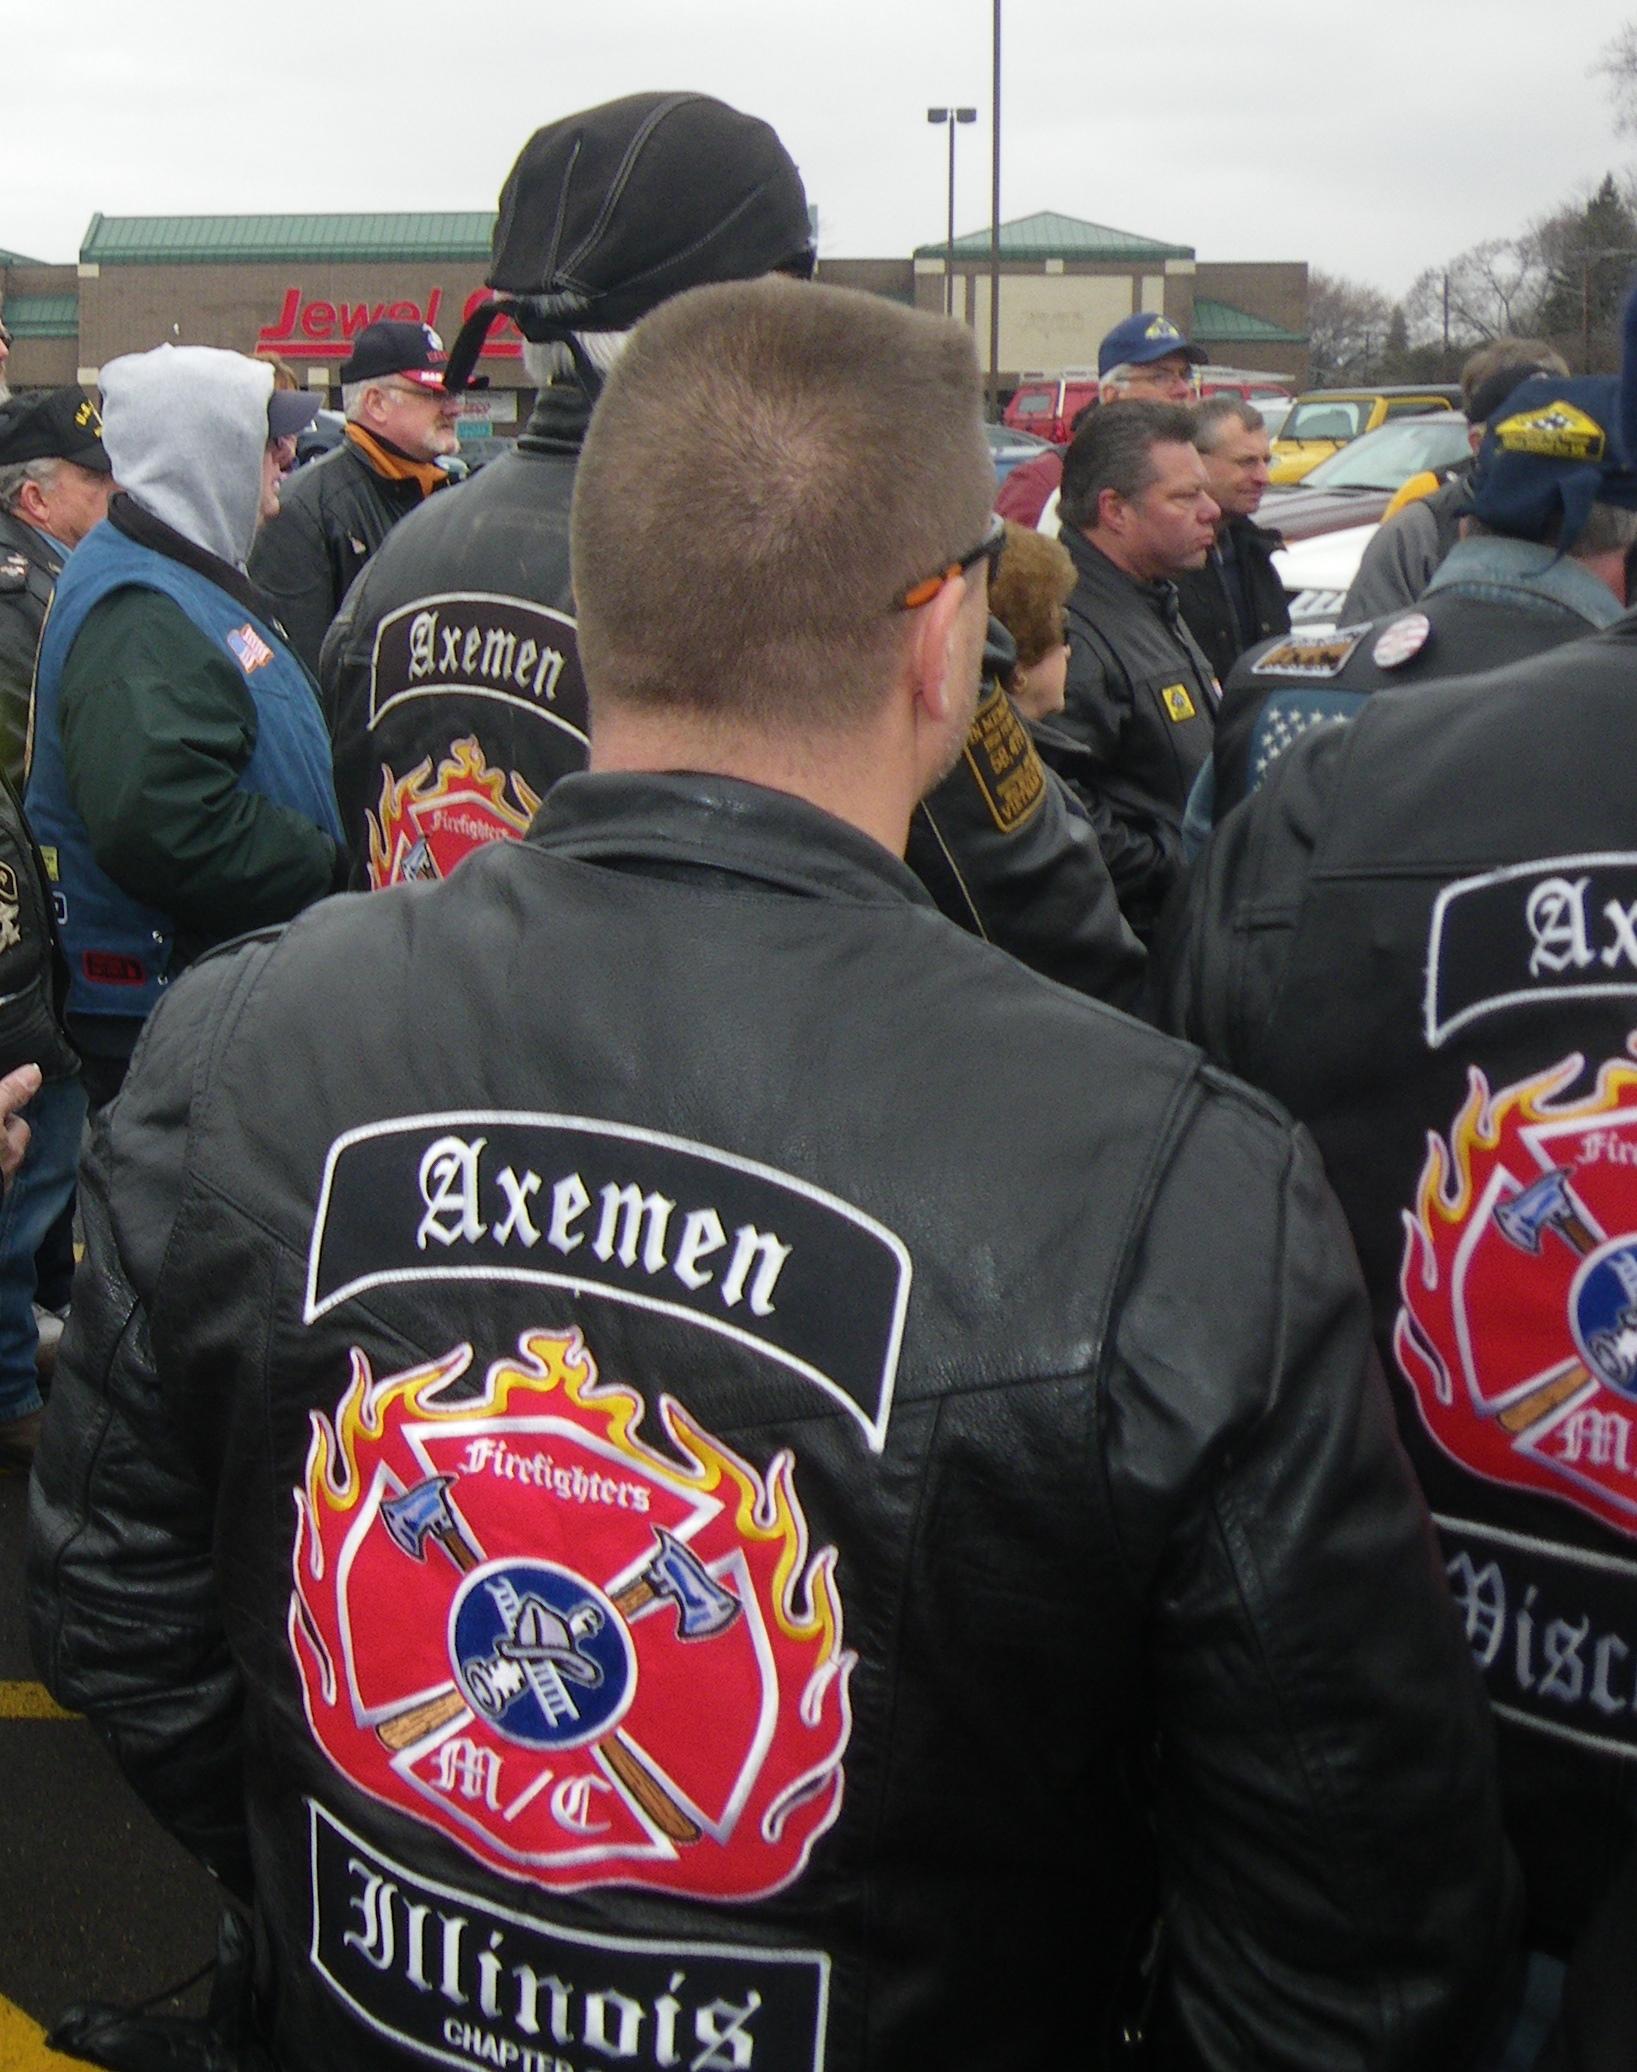 File:Axemen Firefighters MC - Illinois Chapter 2011 jpg